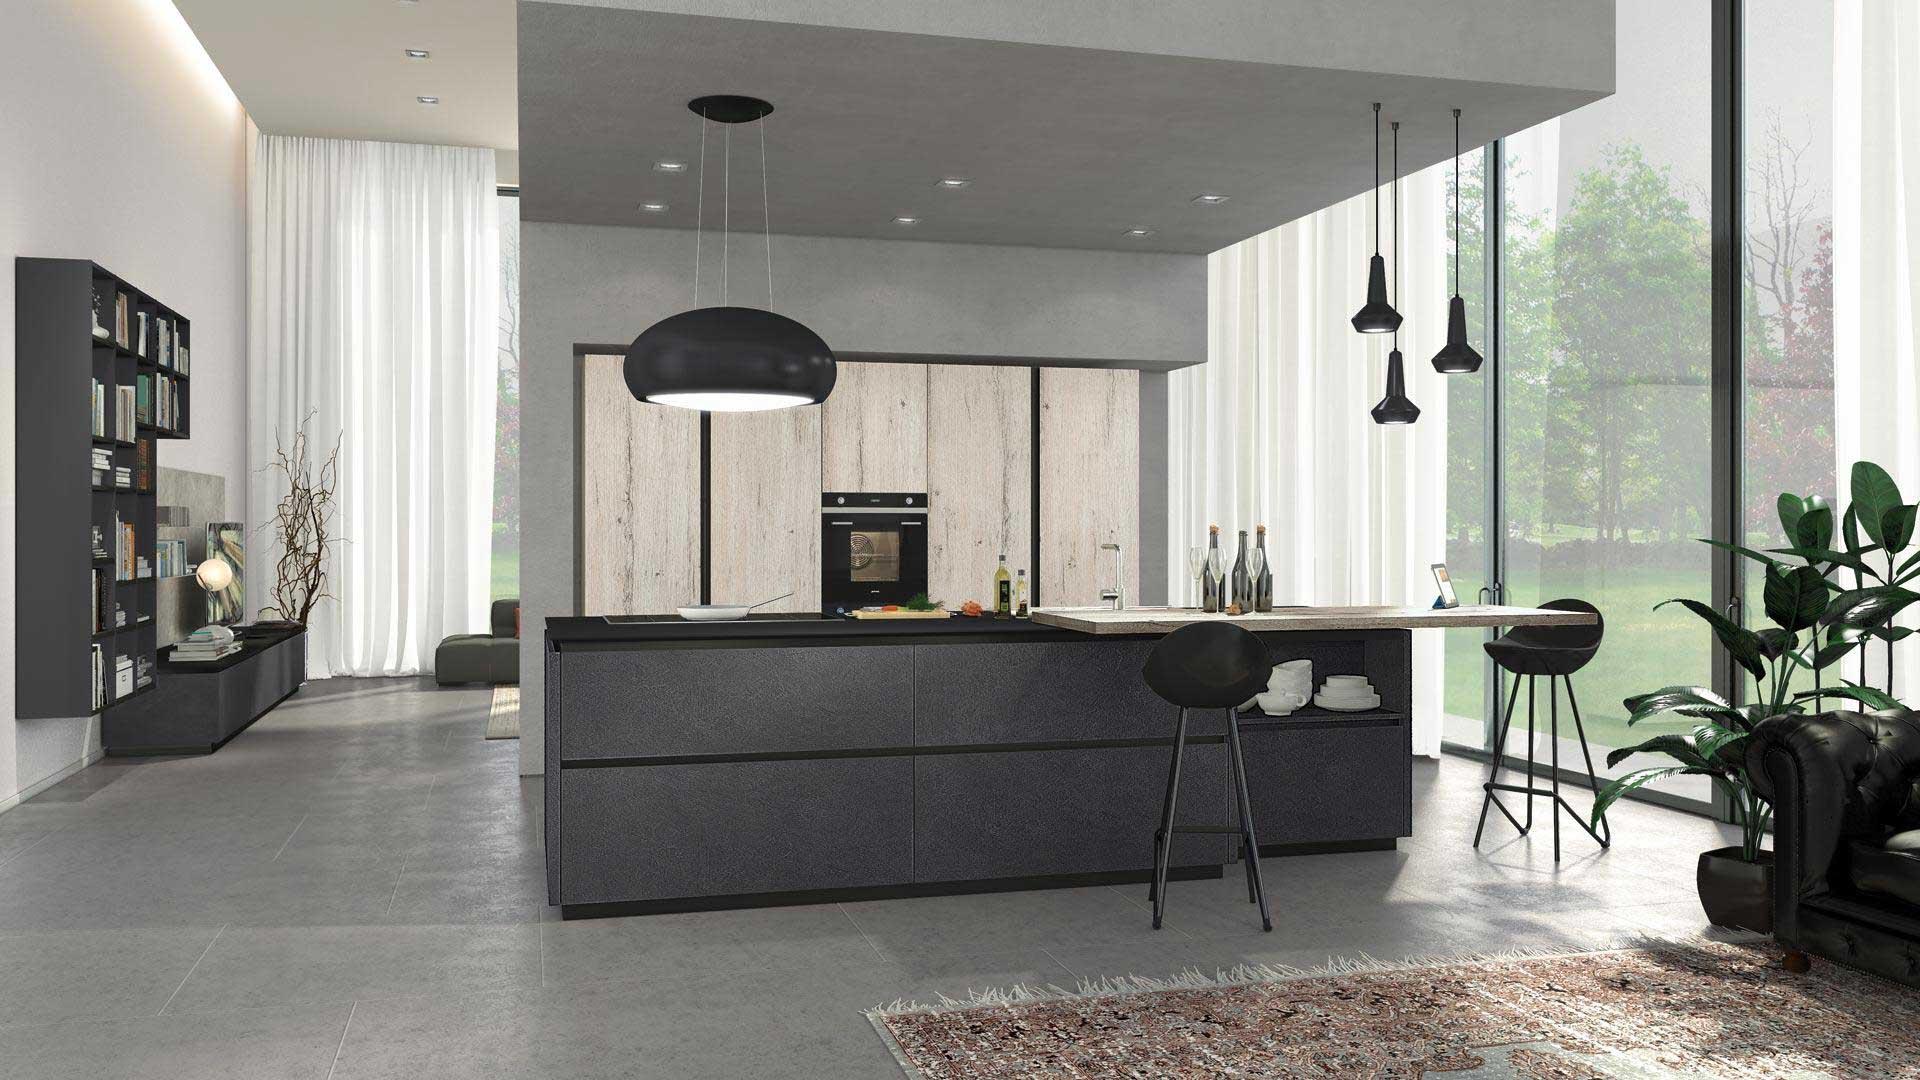 Lube cucina oltre design materico - Cucine lube opinioni 2017 ...